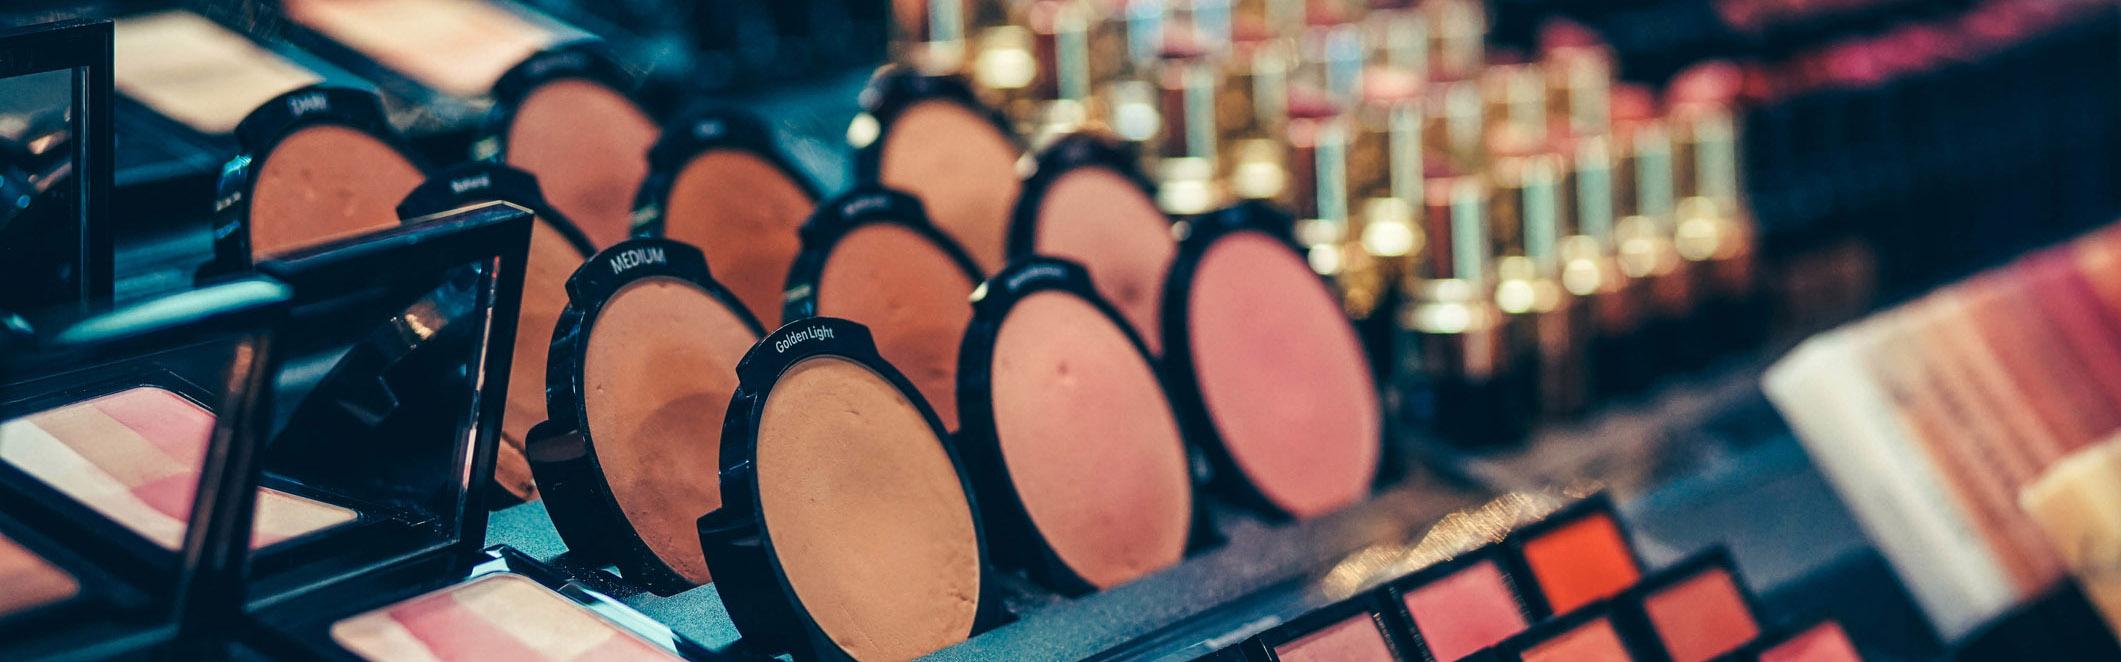 Best Alternatives To High-End Makeups